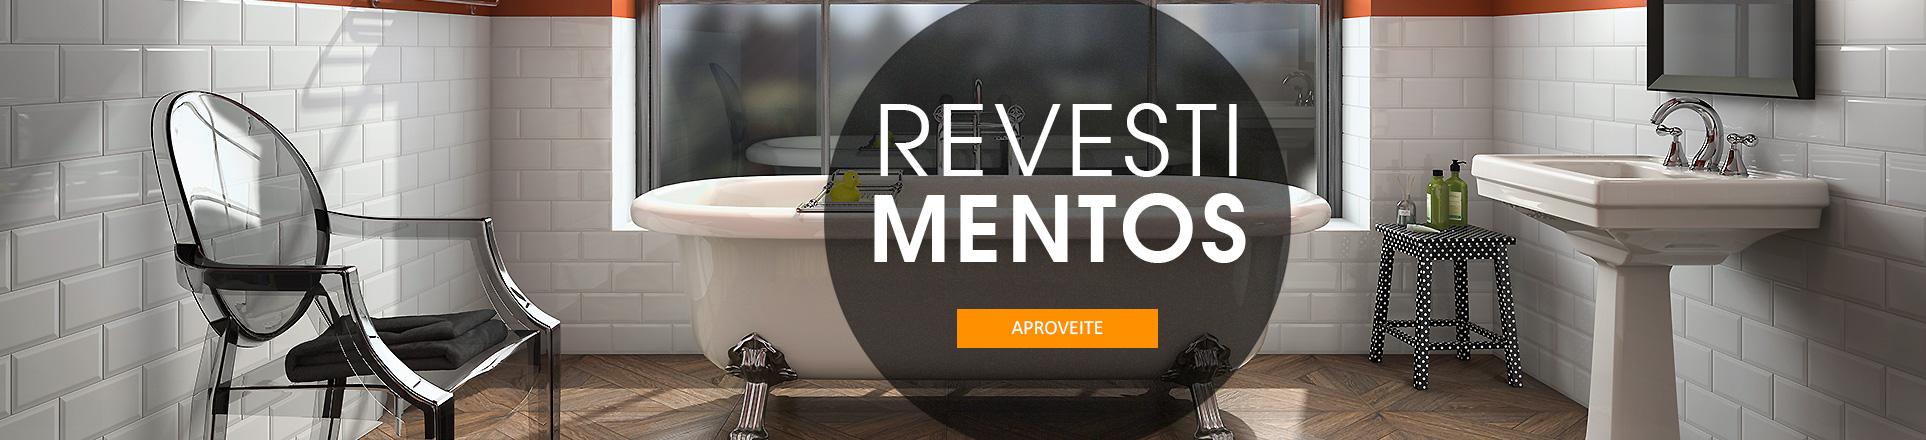 Banner 3 - Revestimento